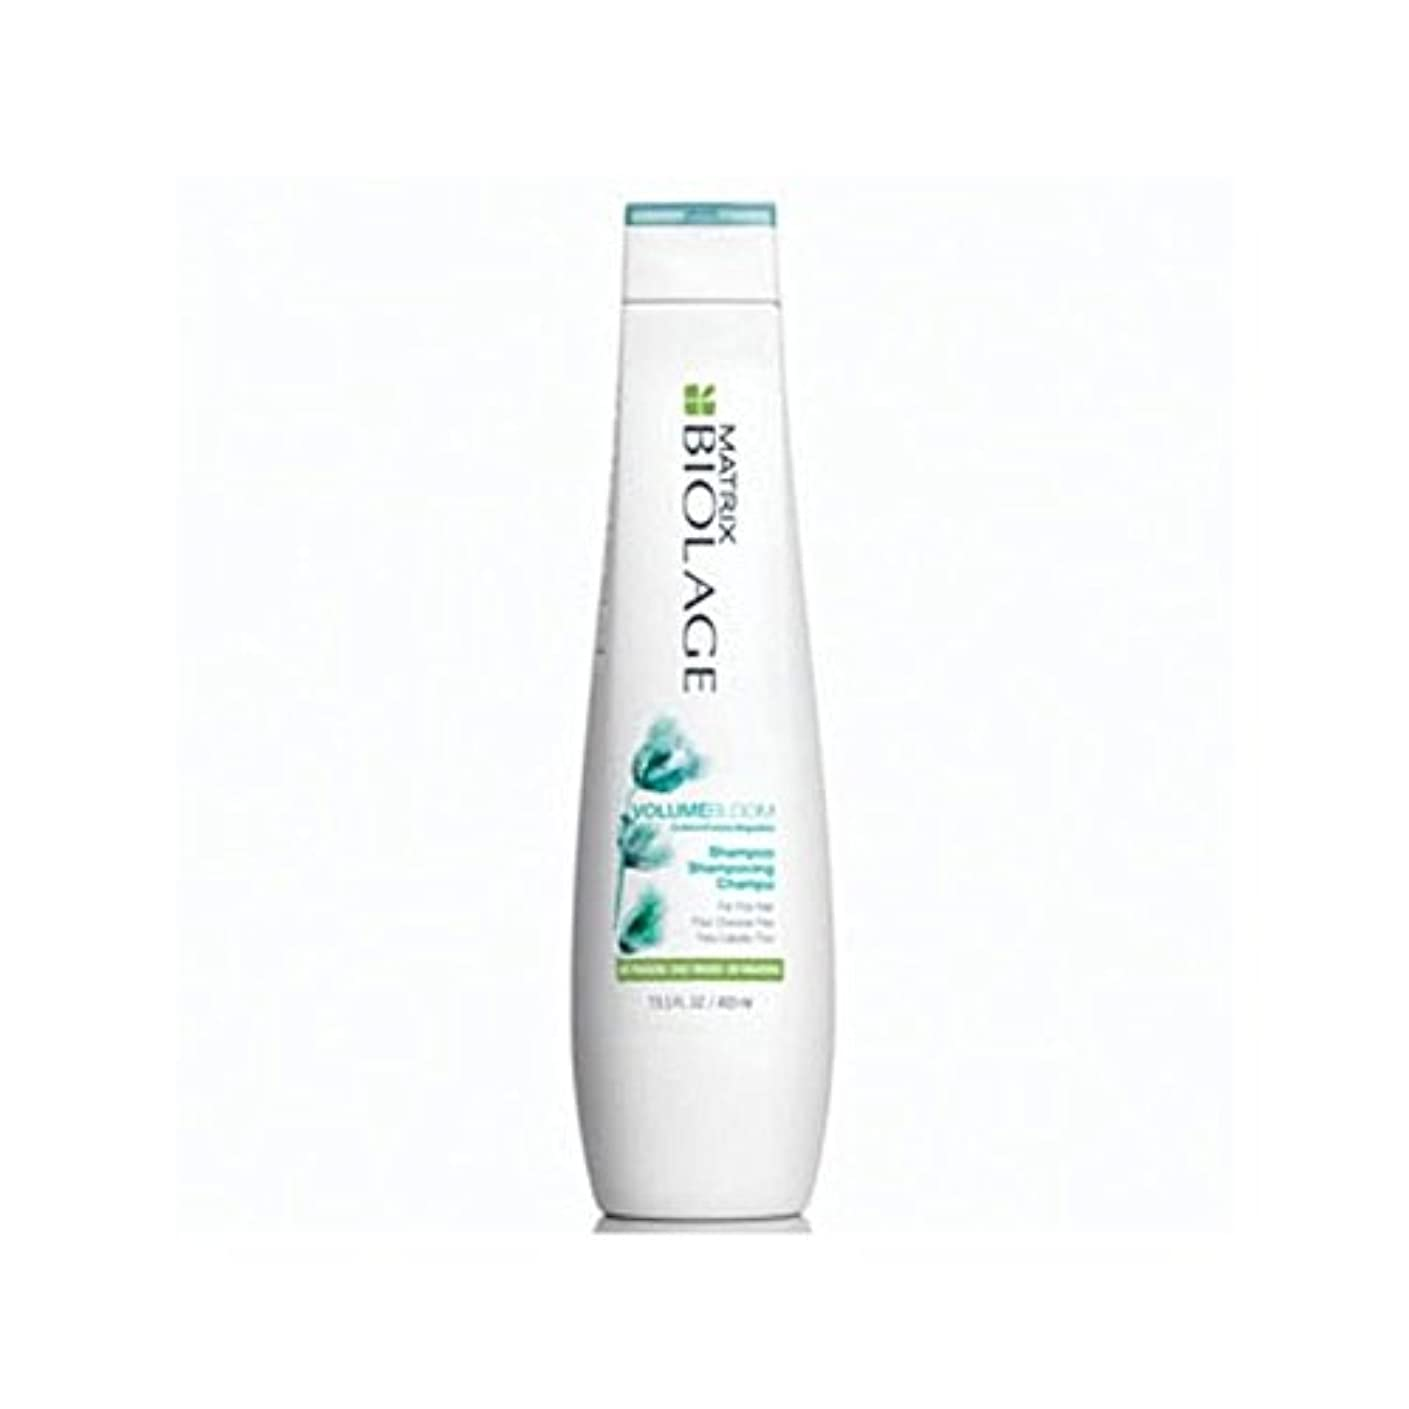 バイオリン最終的に学部マトリックスバイオレイジのシャンプー(400ミリリットル) x4 - Matrix Biolage Volumebloom Shampoo (400ml) (Pack of 4) [並行輸入品]